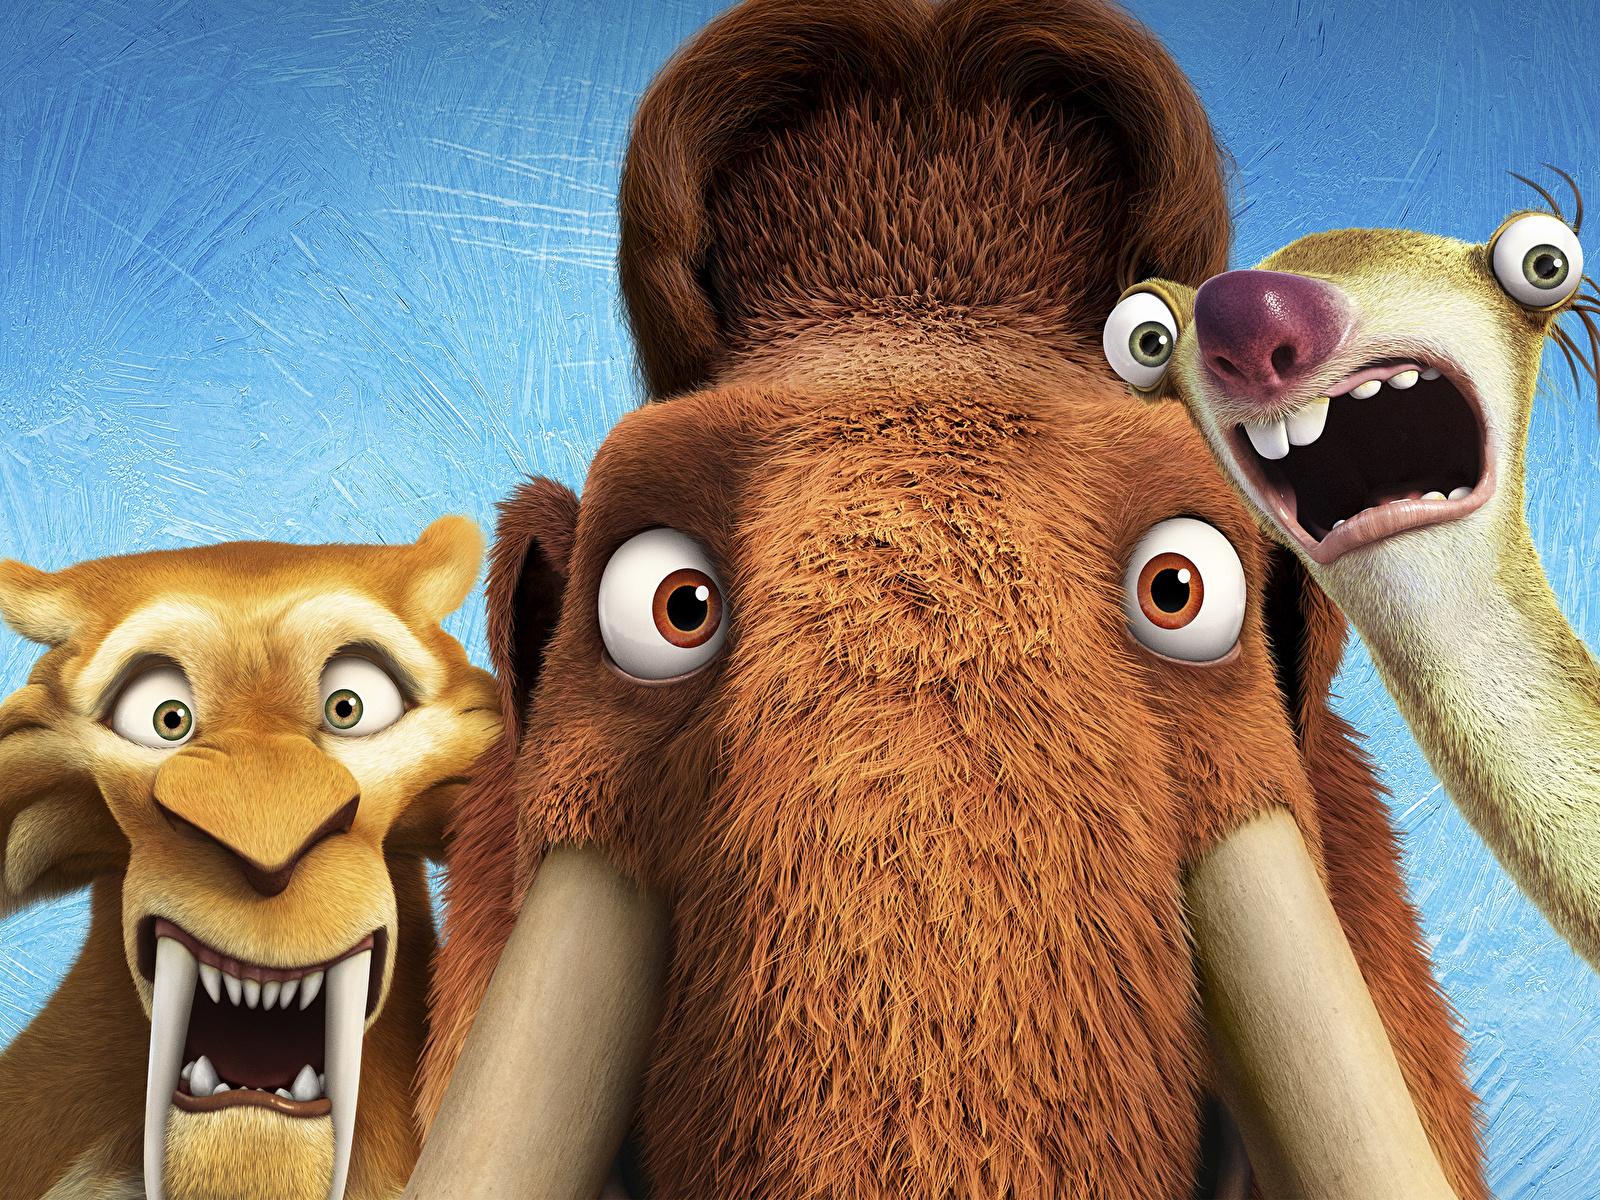 Hintergrundbilder Ice Age – Kollision voraus! Mammute Diego, Manny, Sid Animationsfilm 1600x1200 Zeichentrickfilm